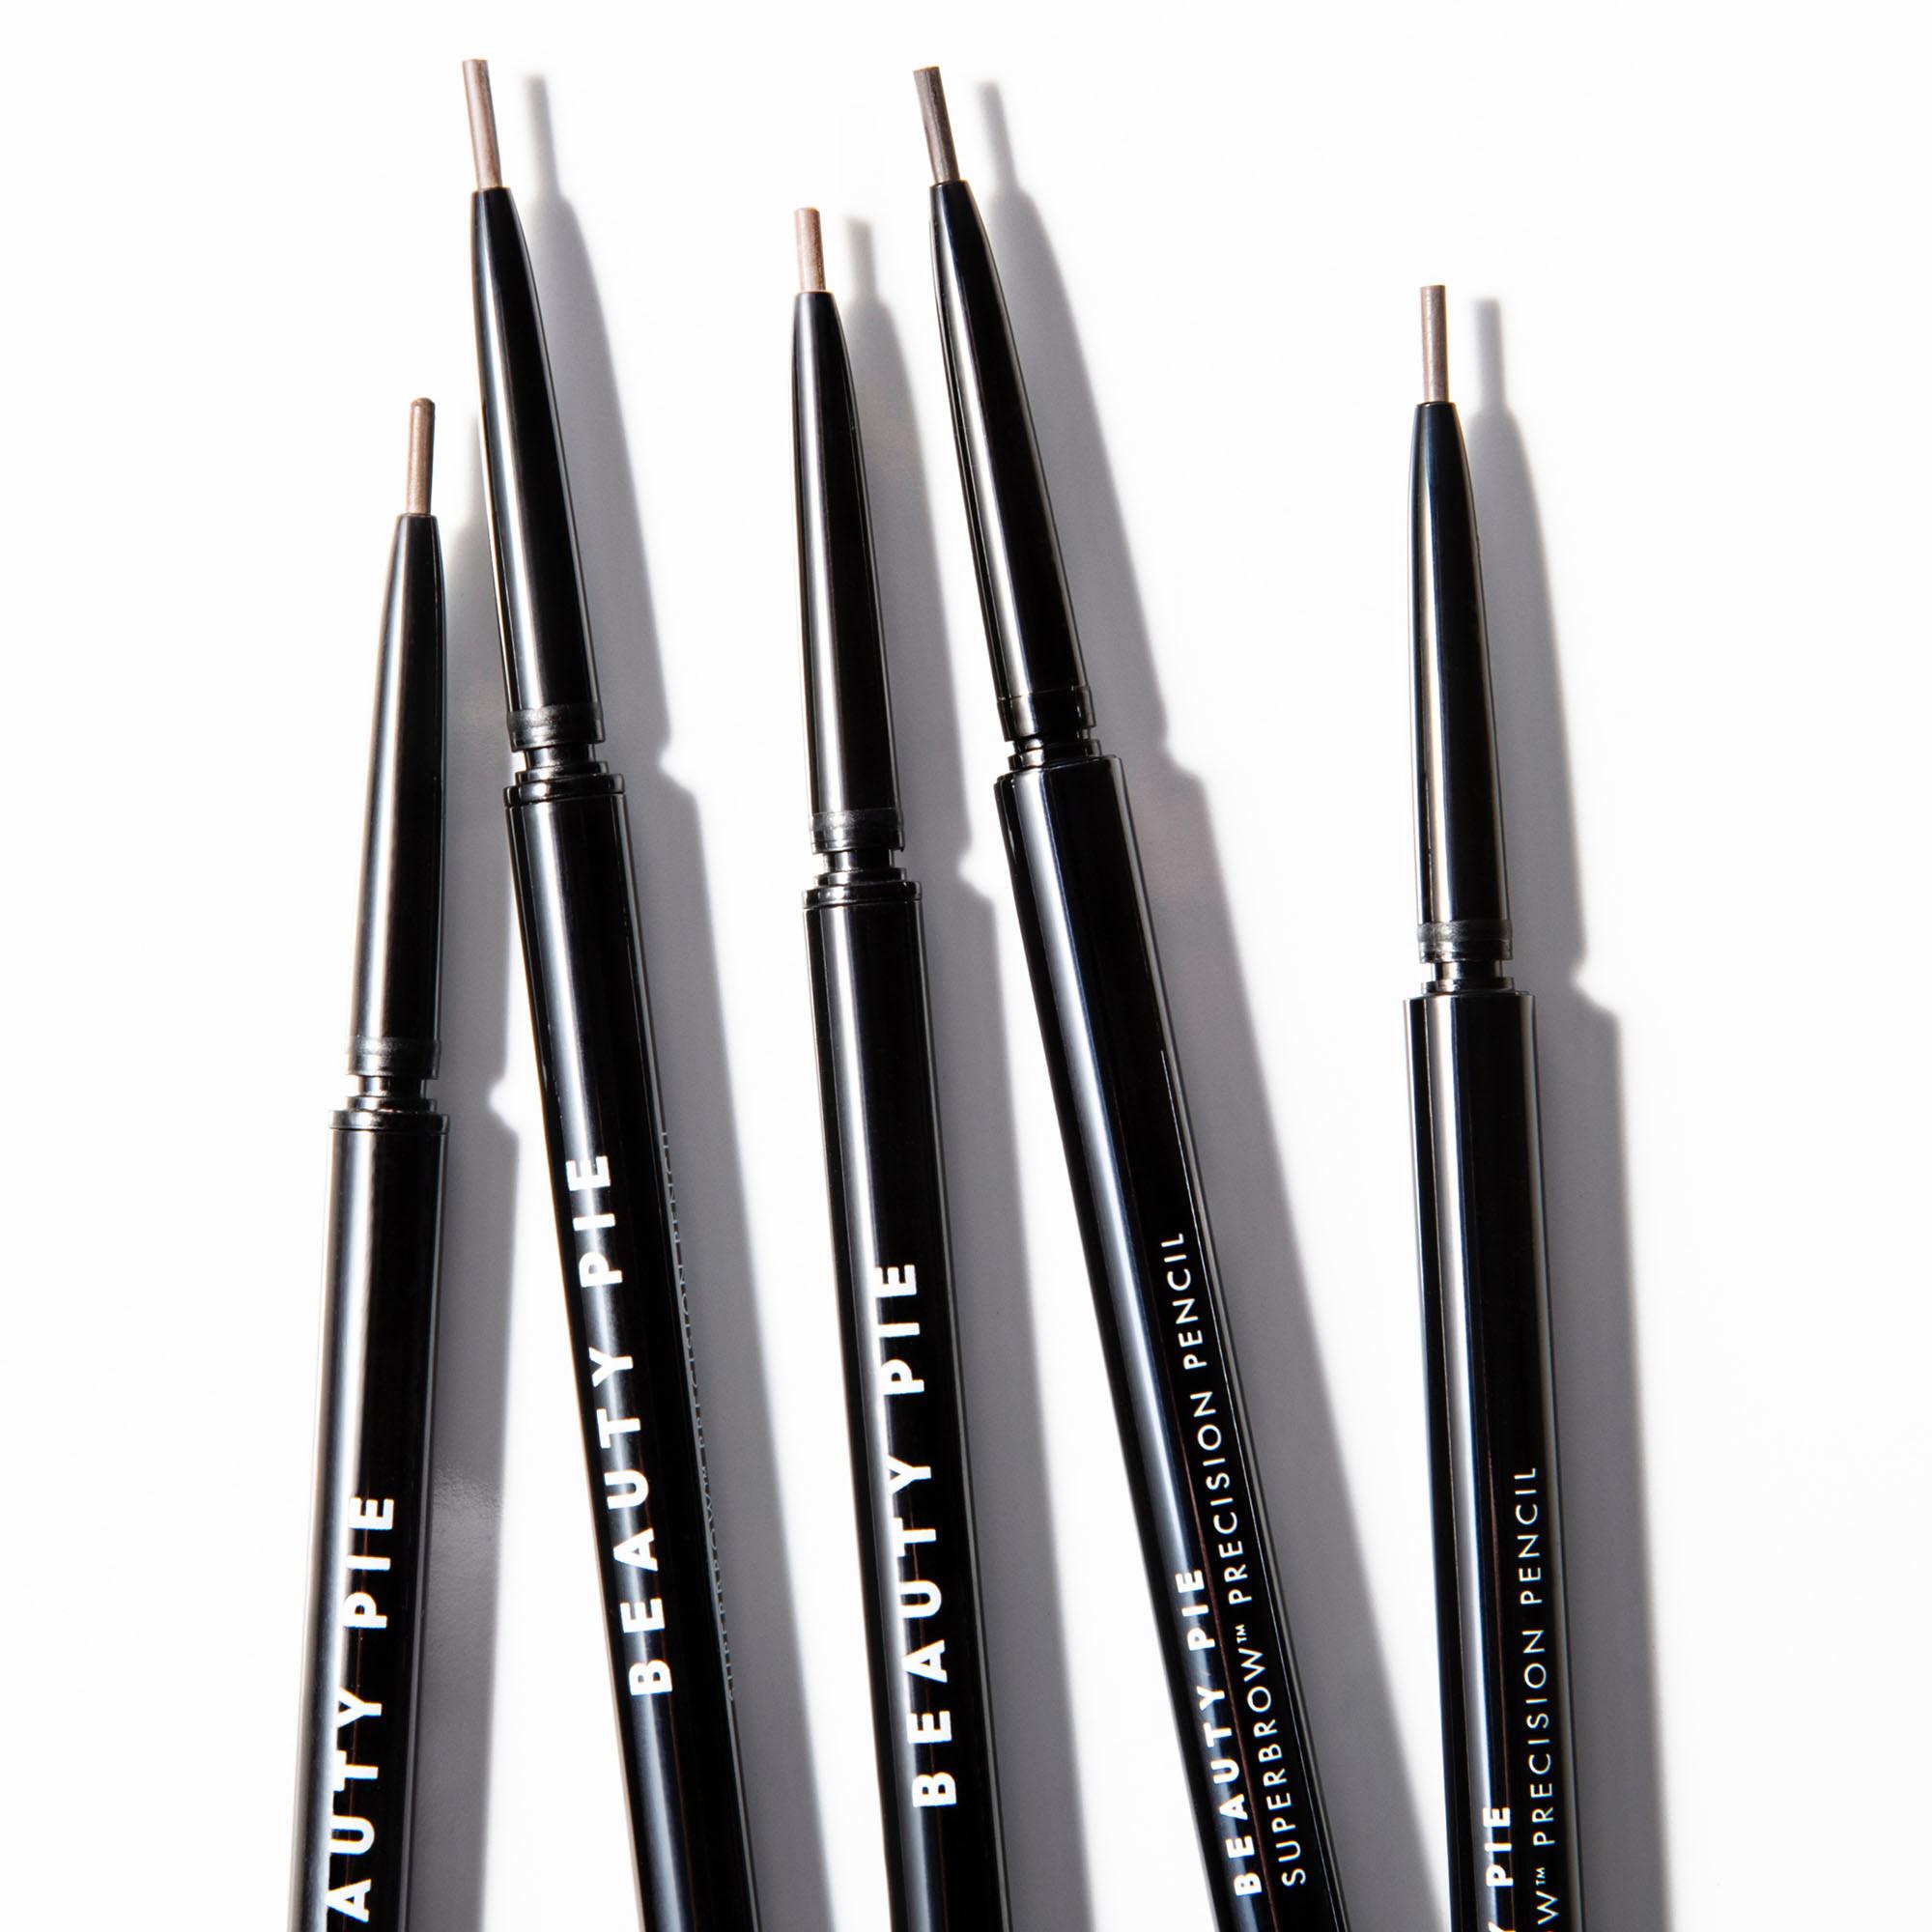 Five open Superbrow Luxe Precision Eyebrow pencils